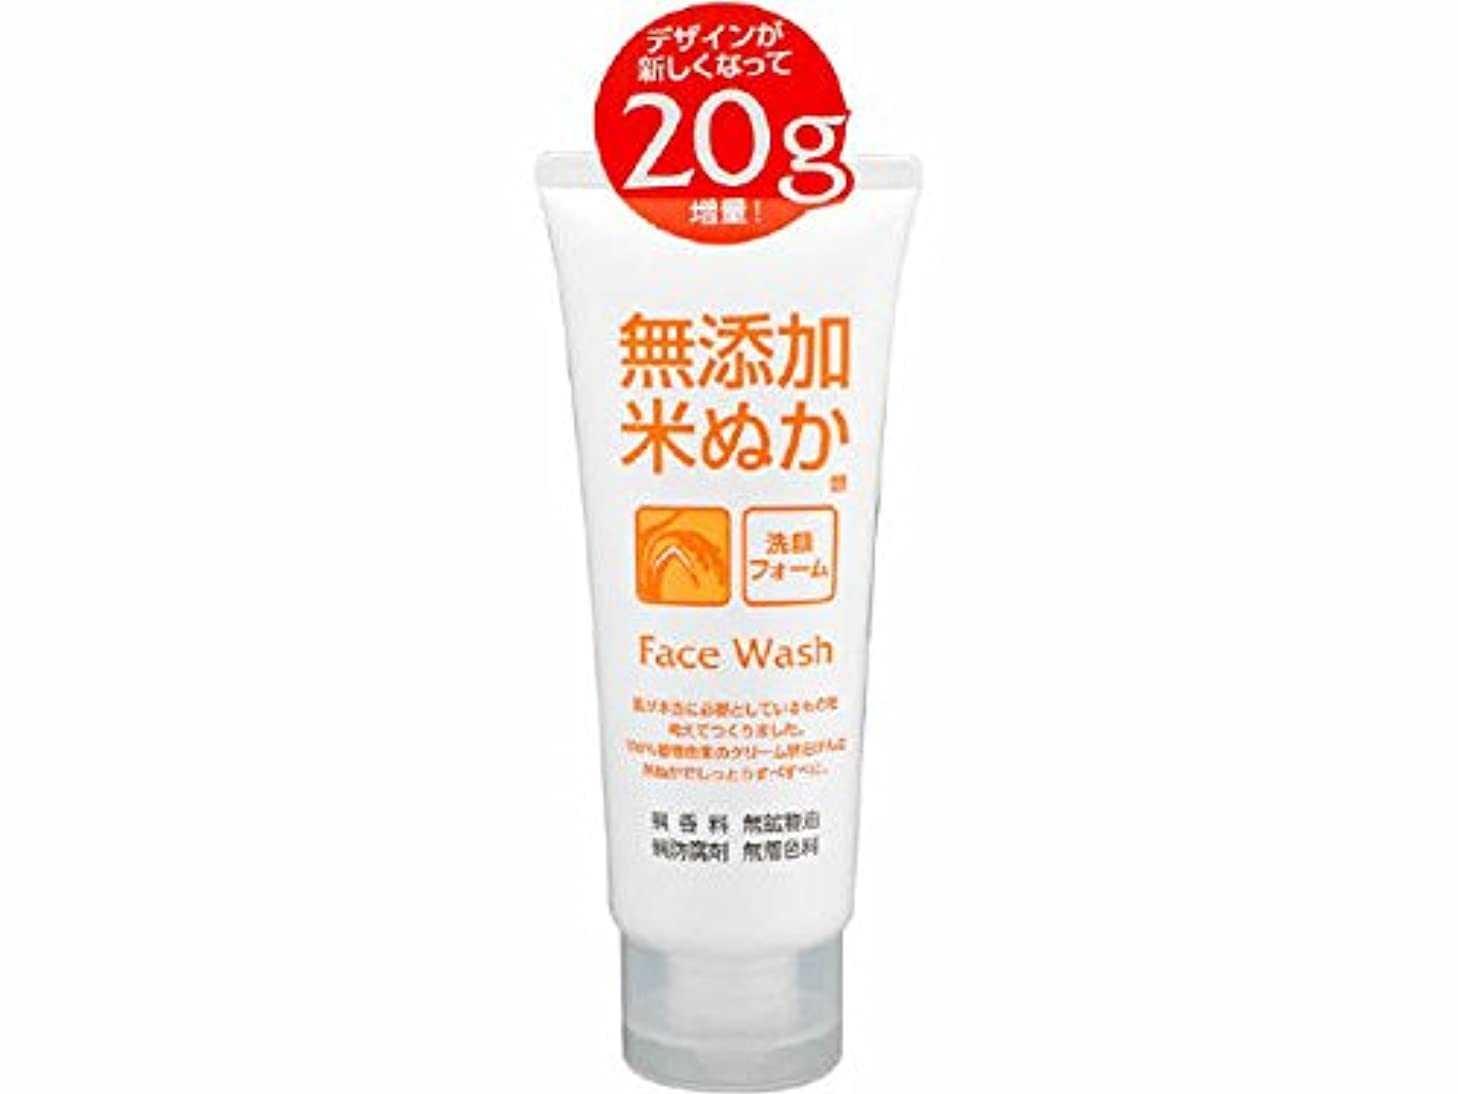 華氏つかむラジエーターロゼット(ROSETTE) 無添加米ぬか 洗顔フォーム 140g 100%植物由来のクリーム状石けんに米ぬかエキスを配合した洗顔フォーム×48点セット (4901696534069)